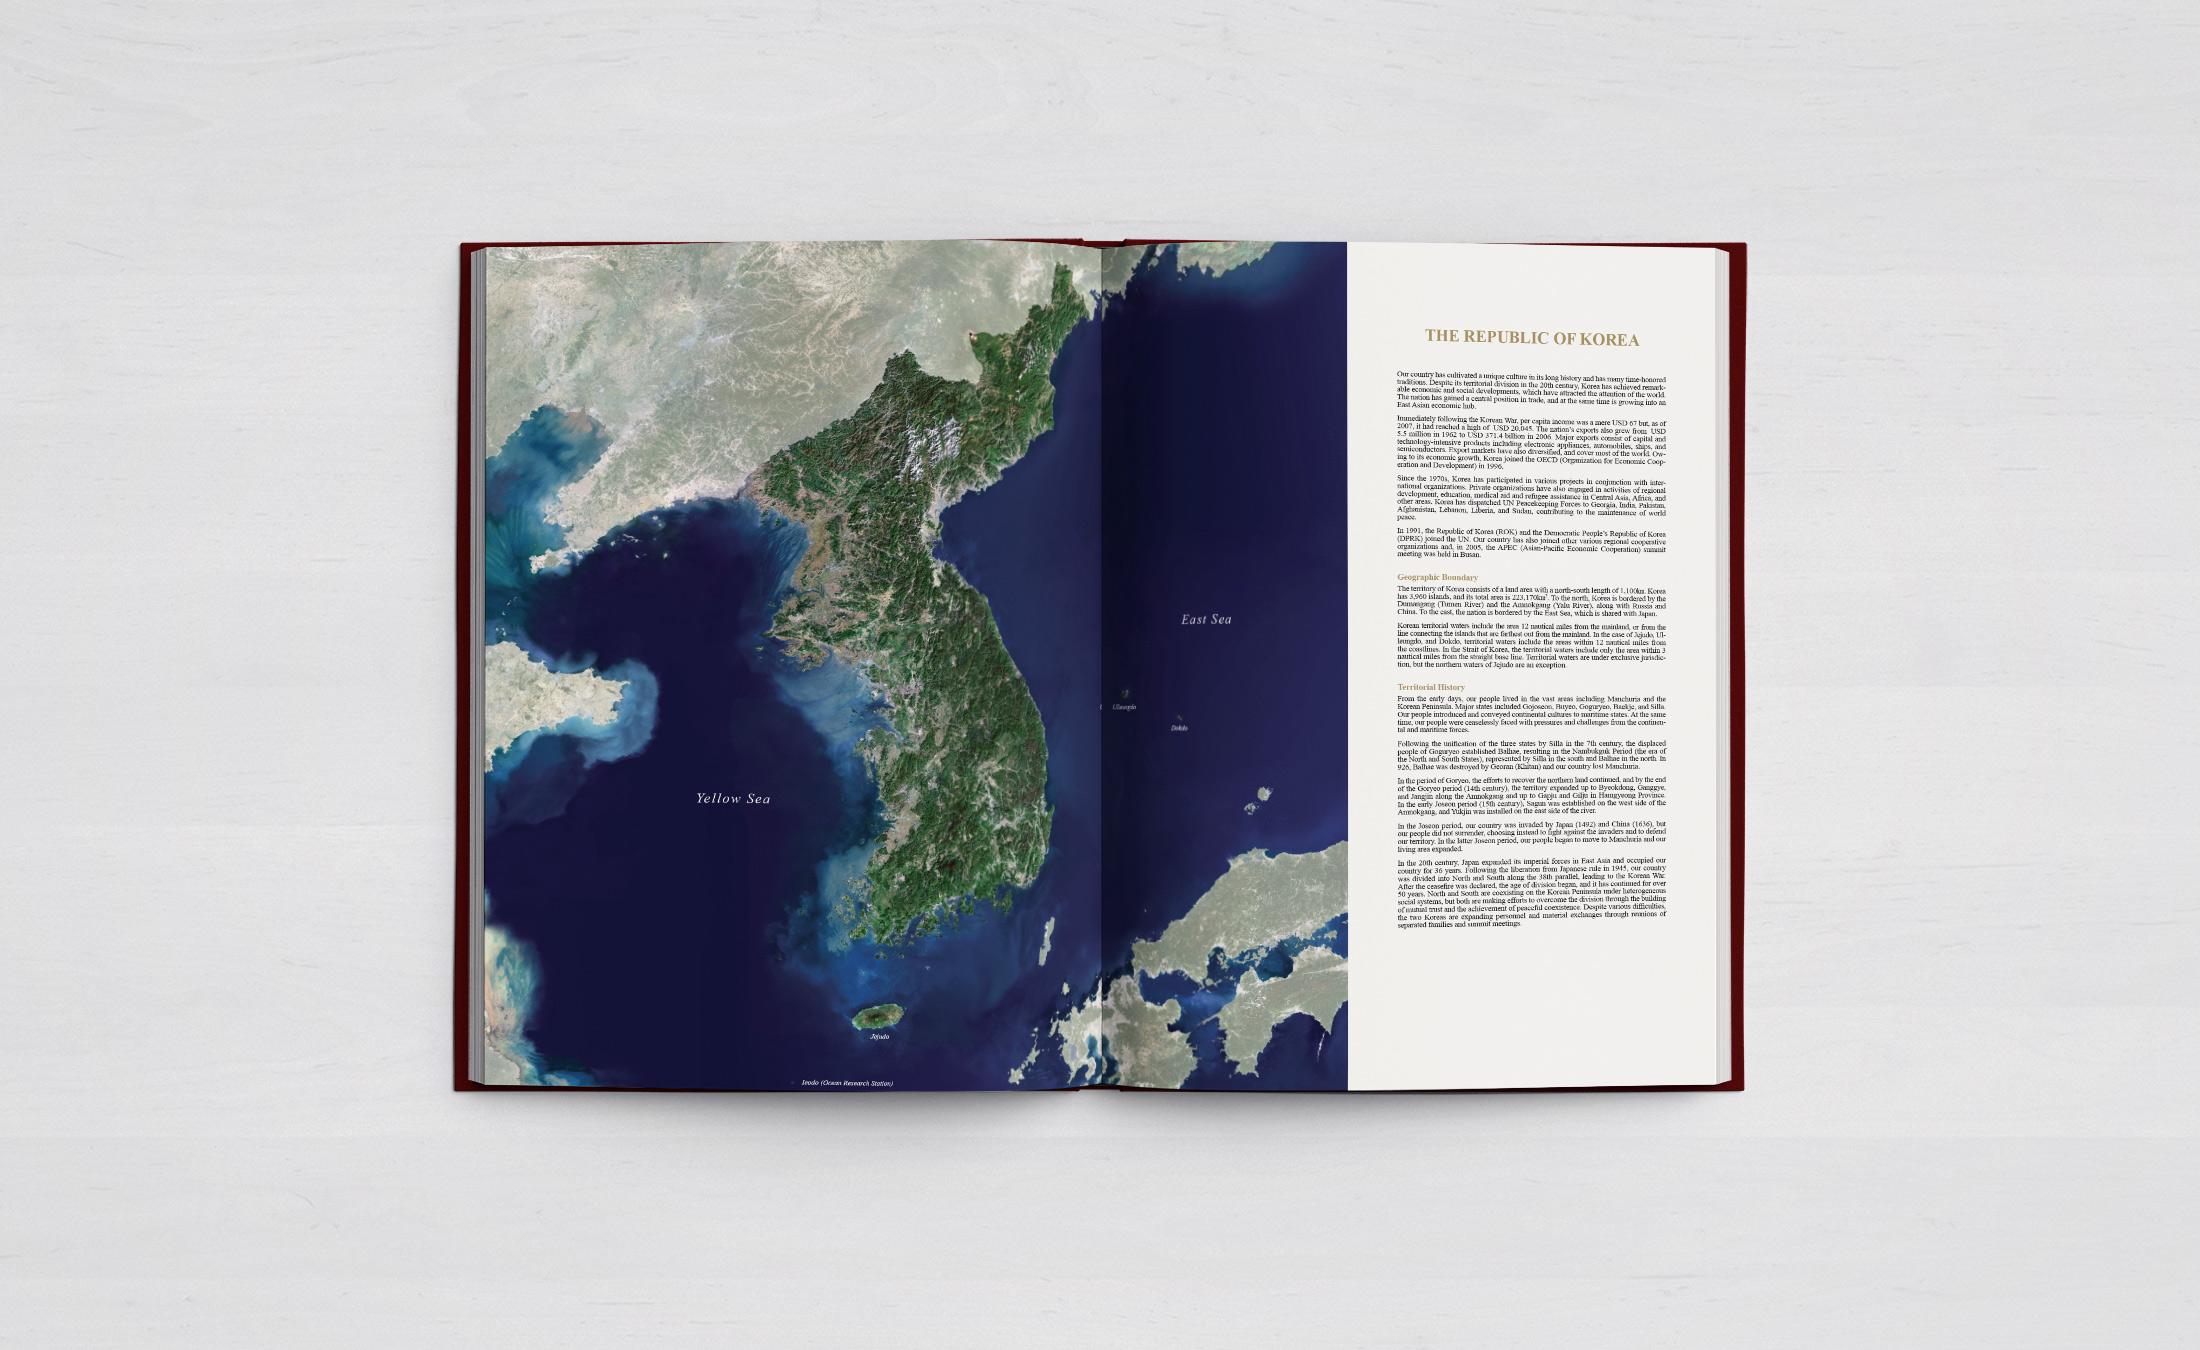 dankelab_korea_atlas_03